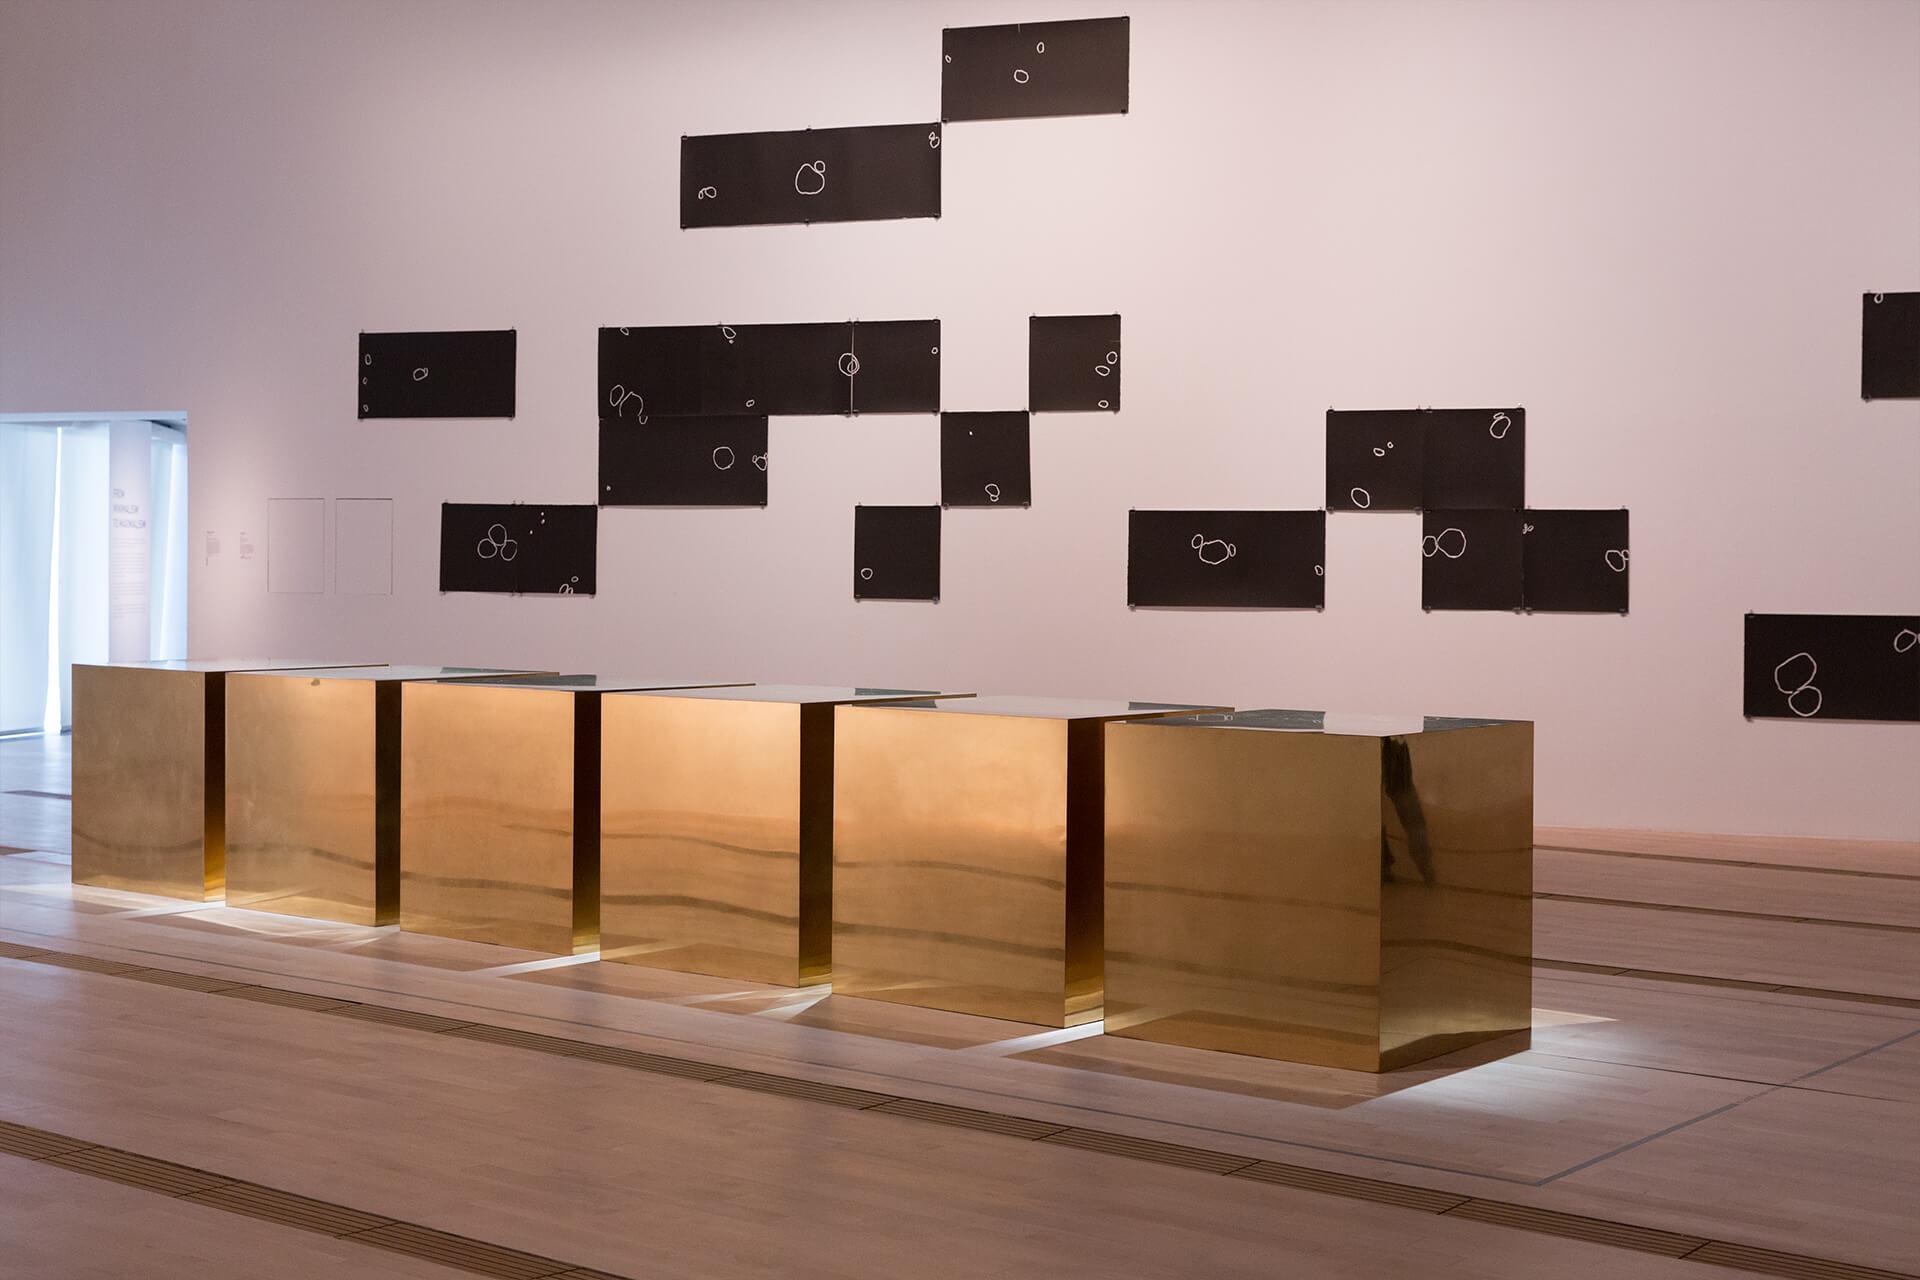 極簡主義其中一位重要的藝術家Donald Judd在1974年創作了這件名為《Untitled (Six Boxes)》的雕塑。作品直接放在地上,改變了美術館舊式的「向上望」雕塑展示模式。